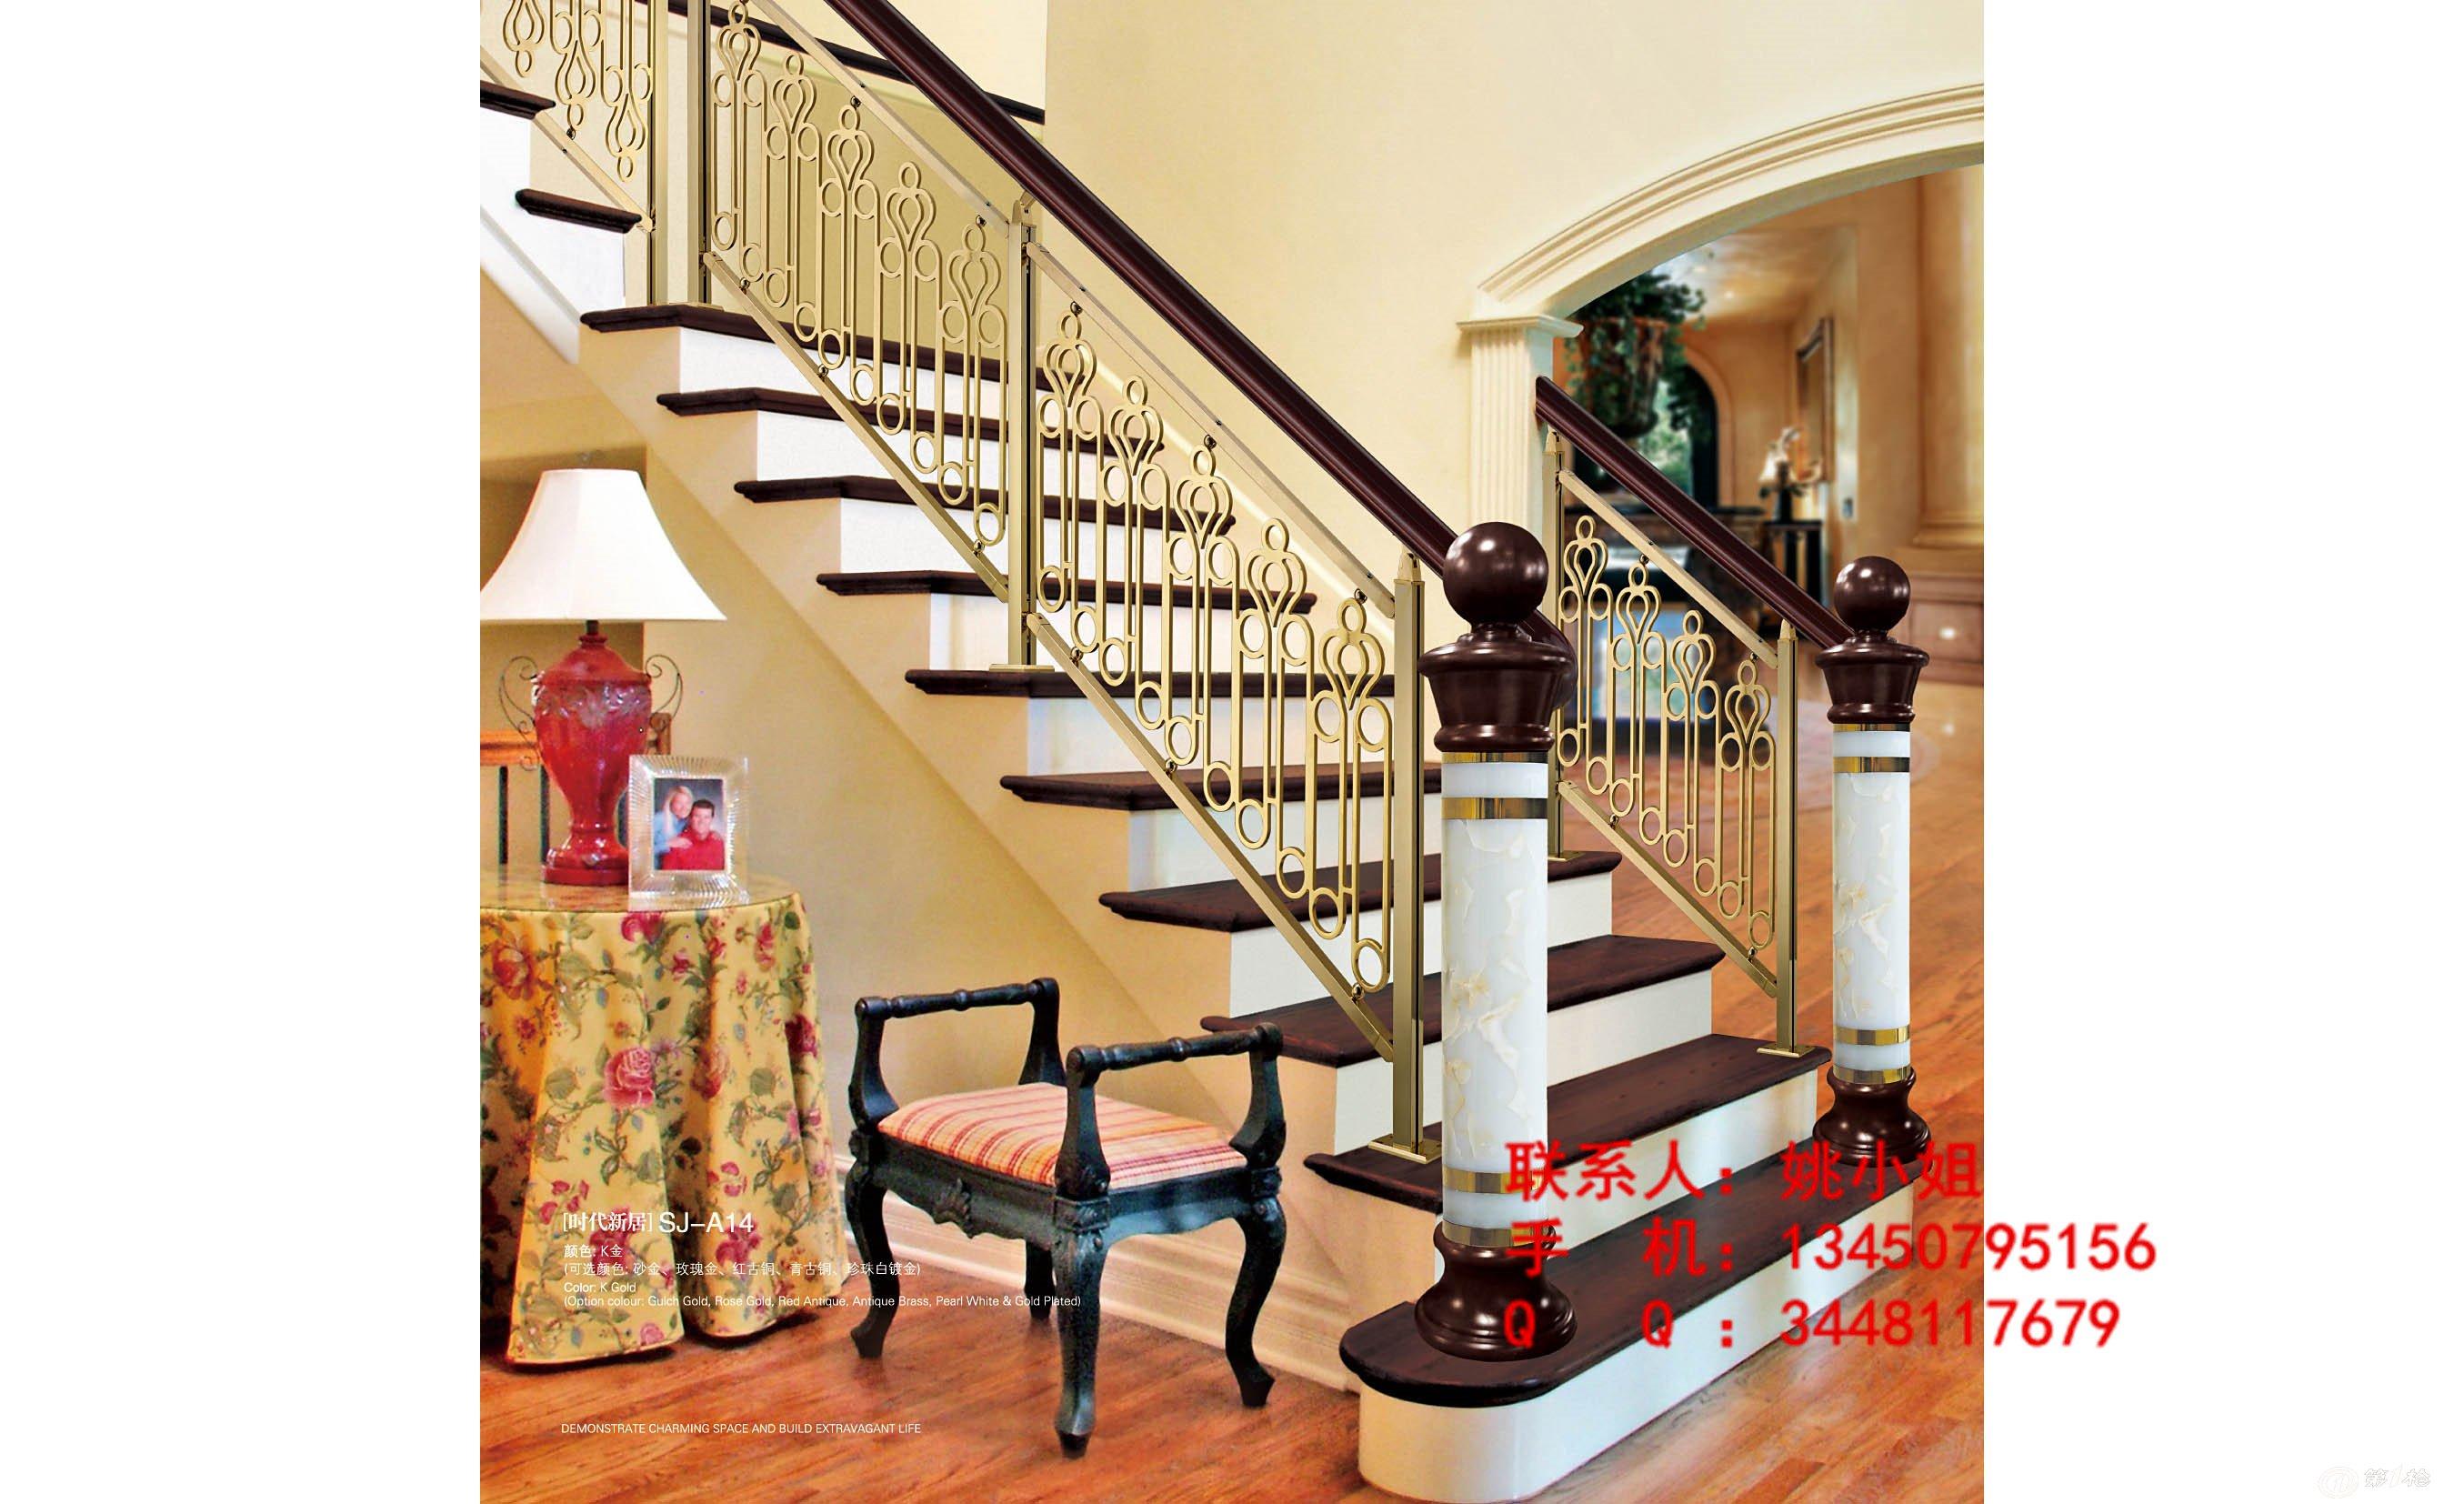 无与伦比的别墅铝艺雕花玫瑰金楼梯护栏扶手